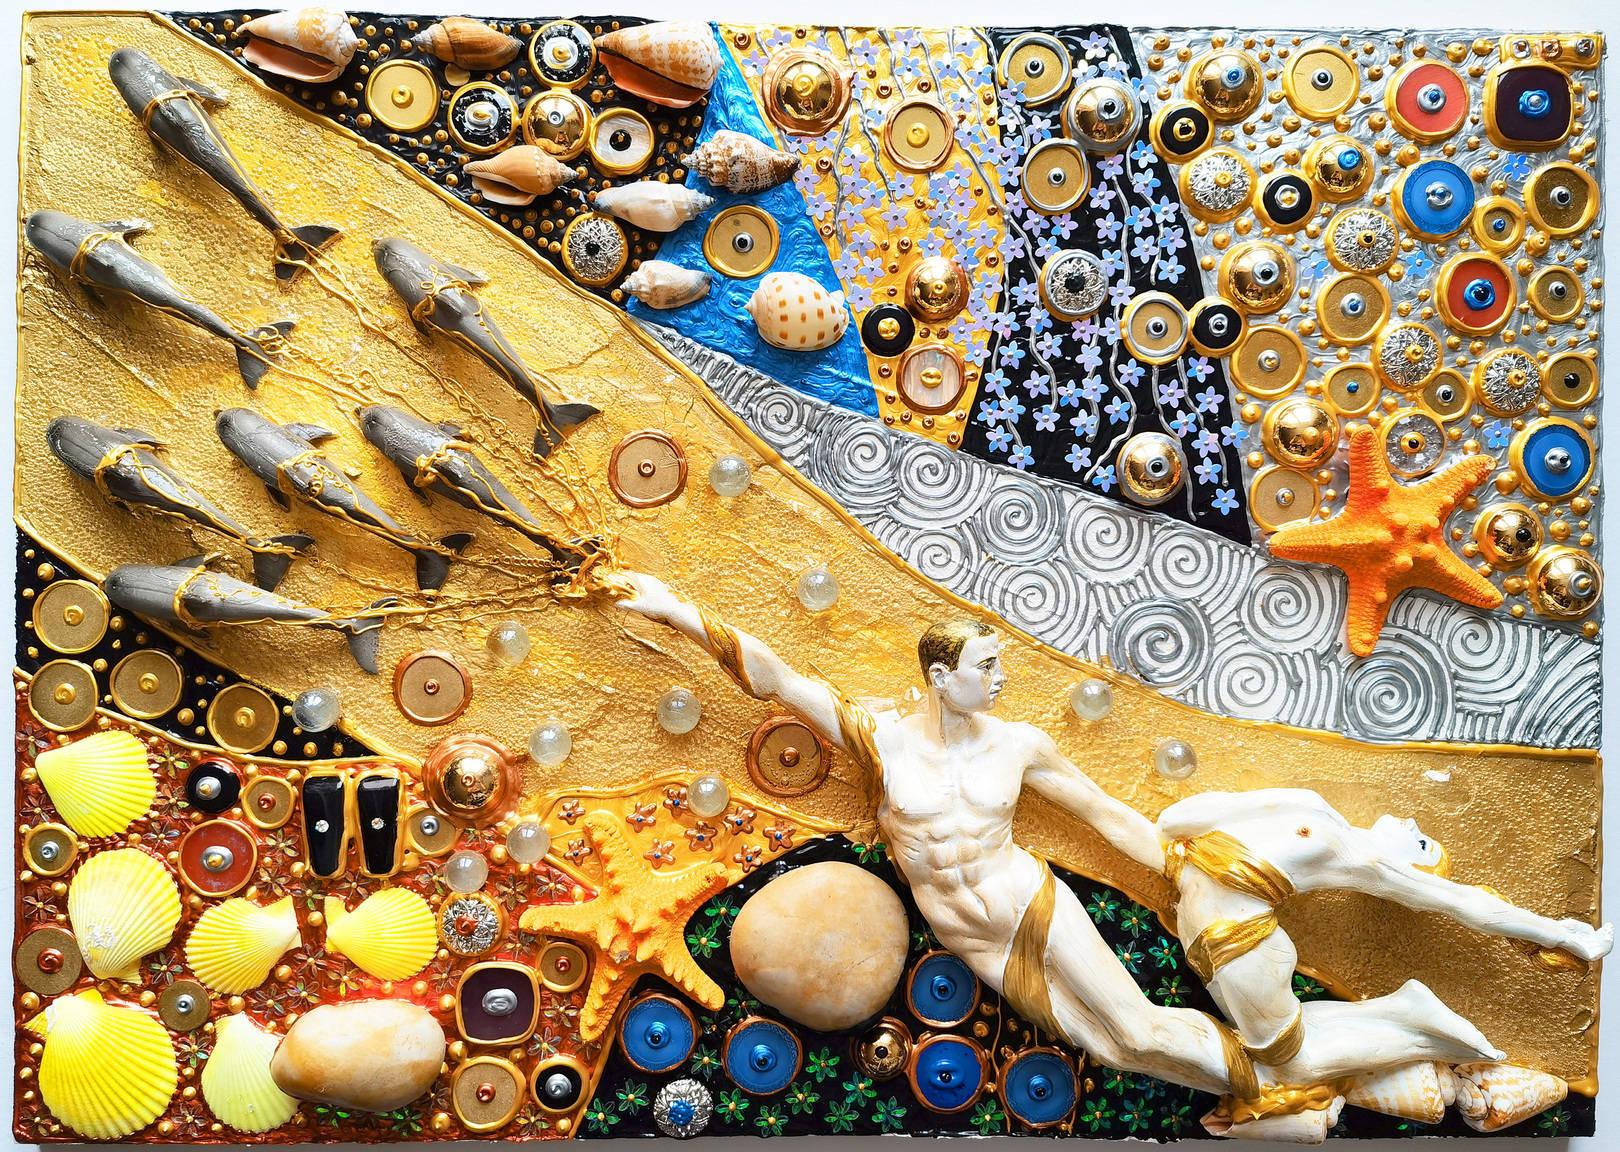 Акрил, деревянная панель, декоративные элементы, гипс, металл, пластик, акриловая и деревянная мозаика, текстура